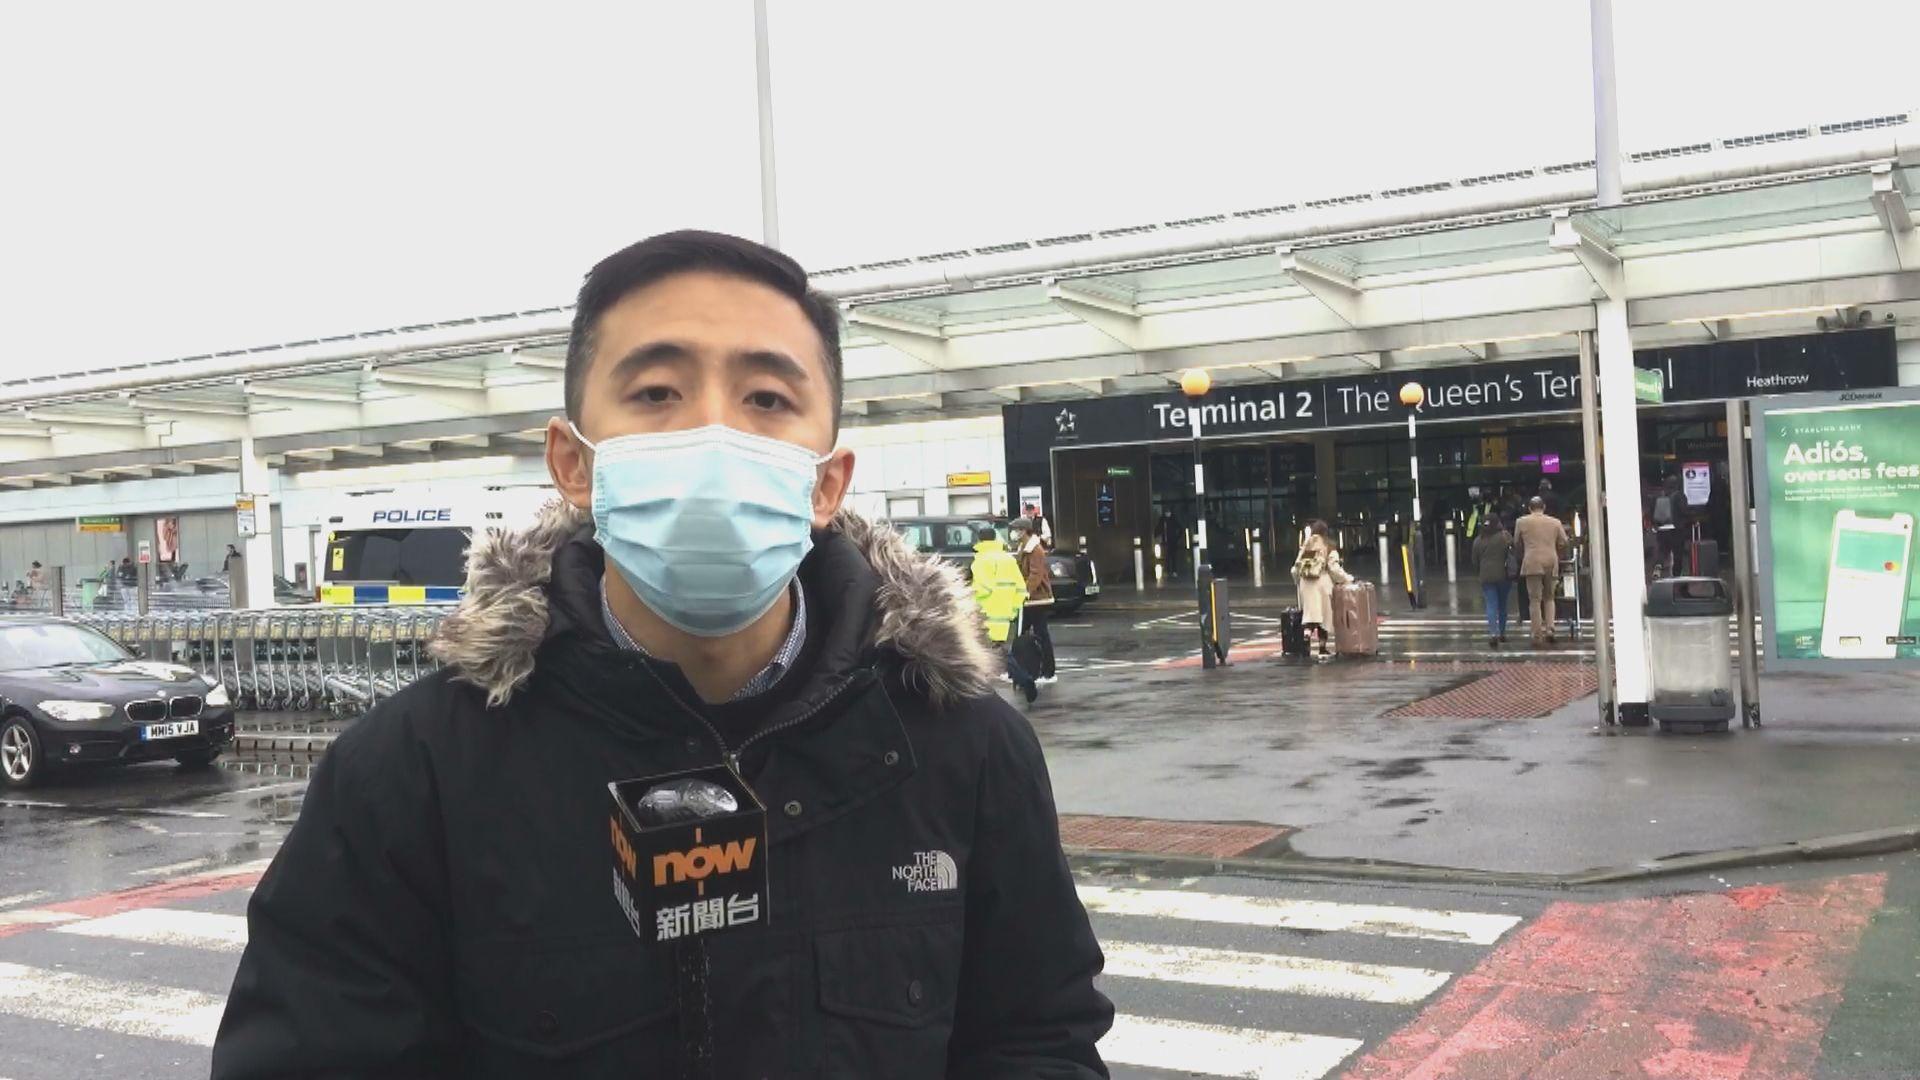 【倫敦直撃·現場報道】希思羅機場有旅客滯留 有赴港乘客憂原機折返